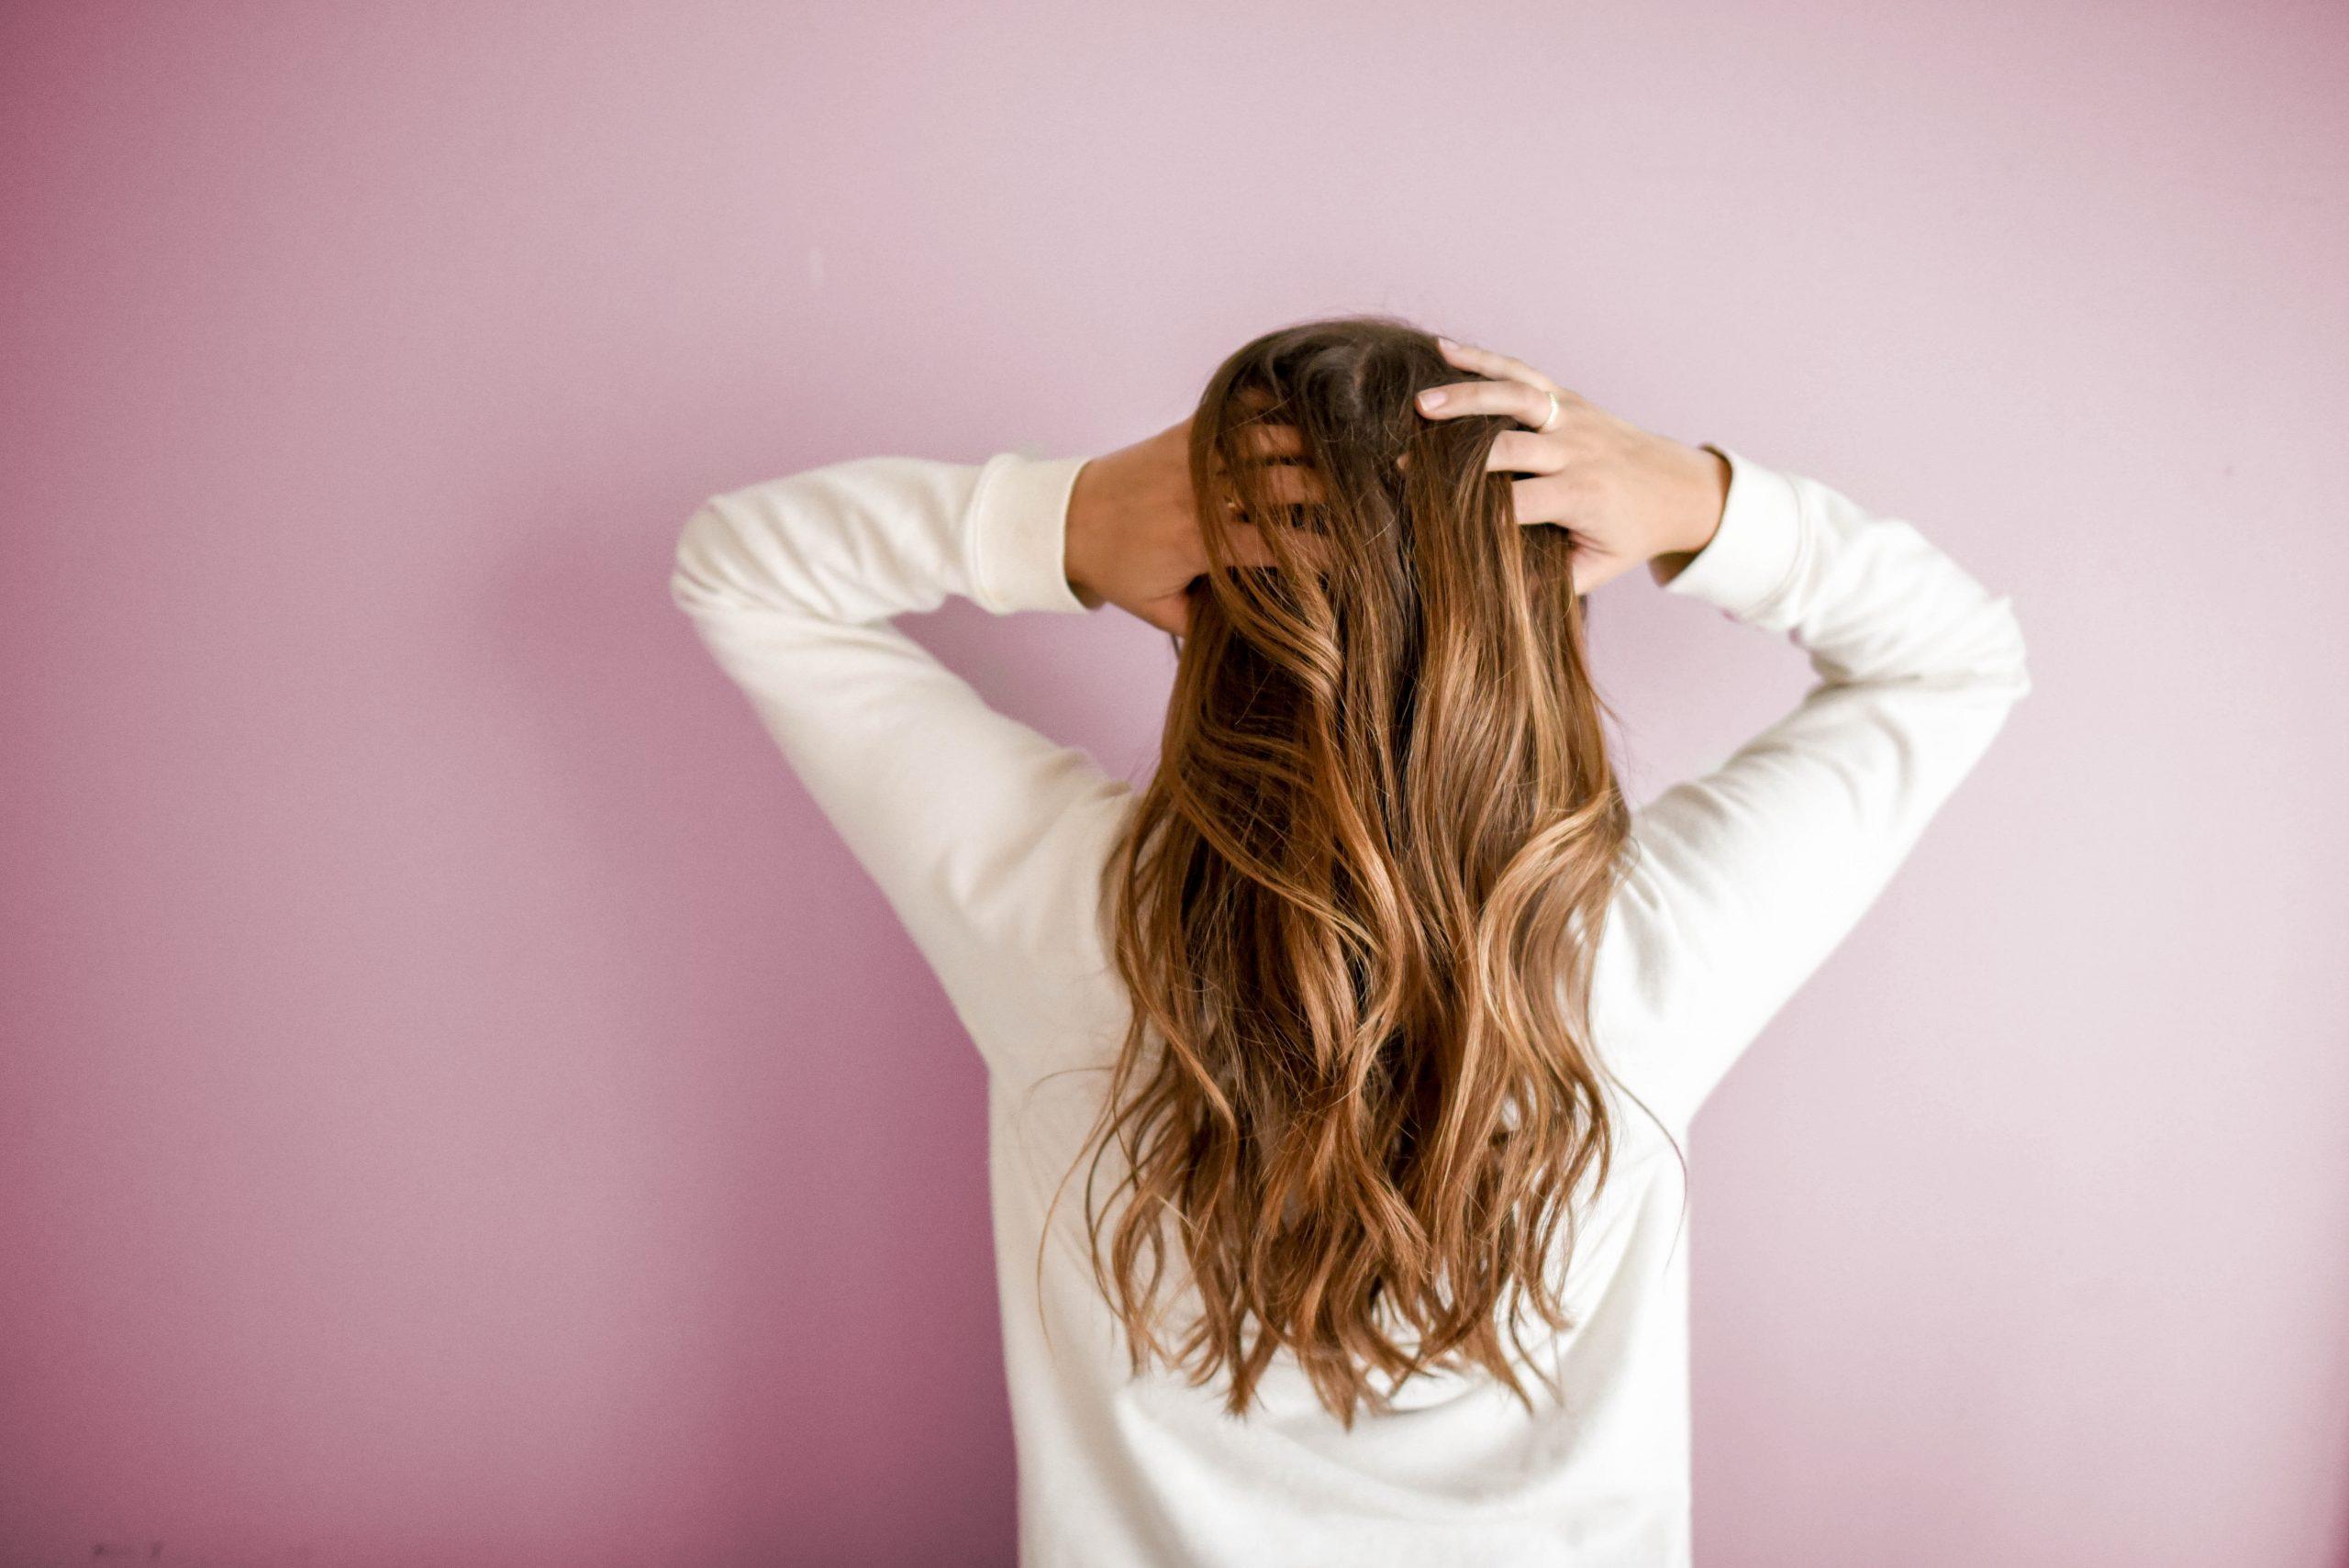 Mujer de espaldas mostrando su cabello en fondo rosa